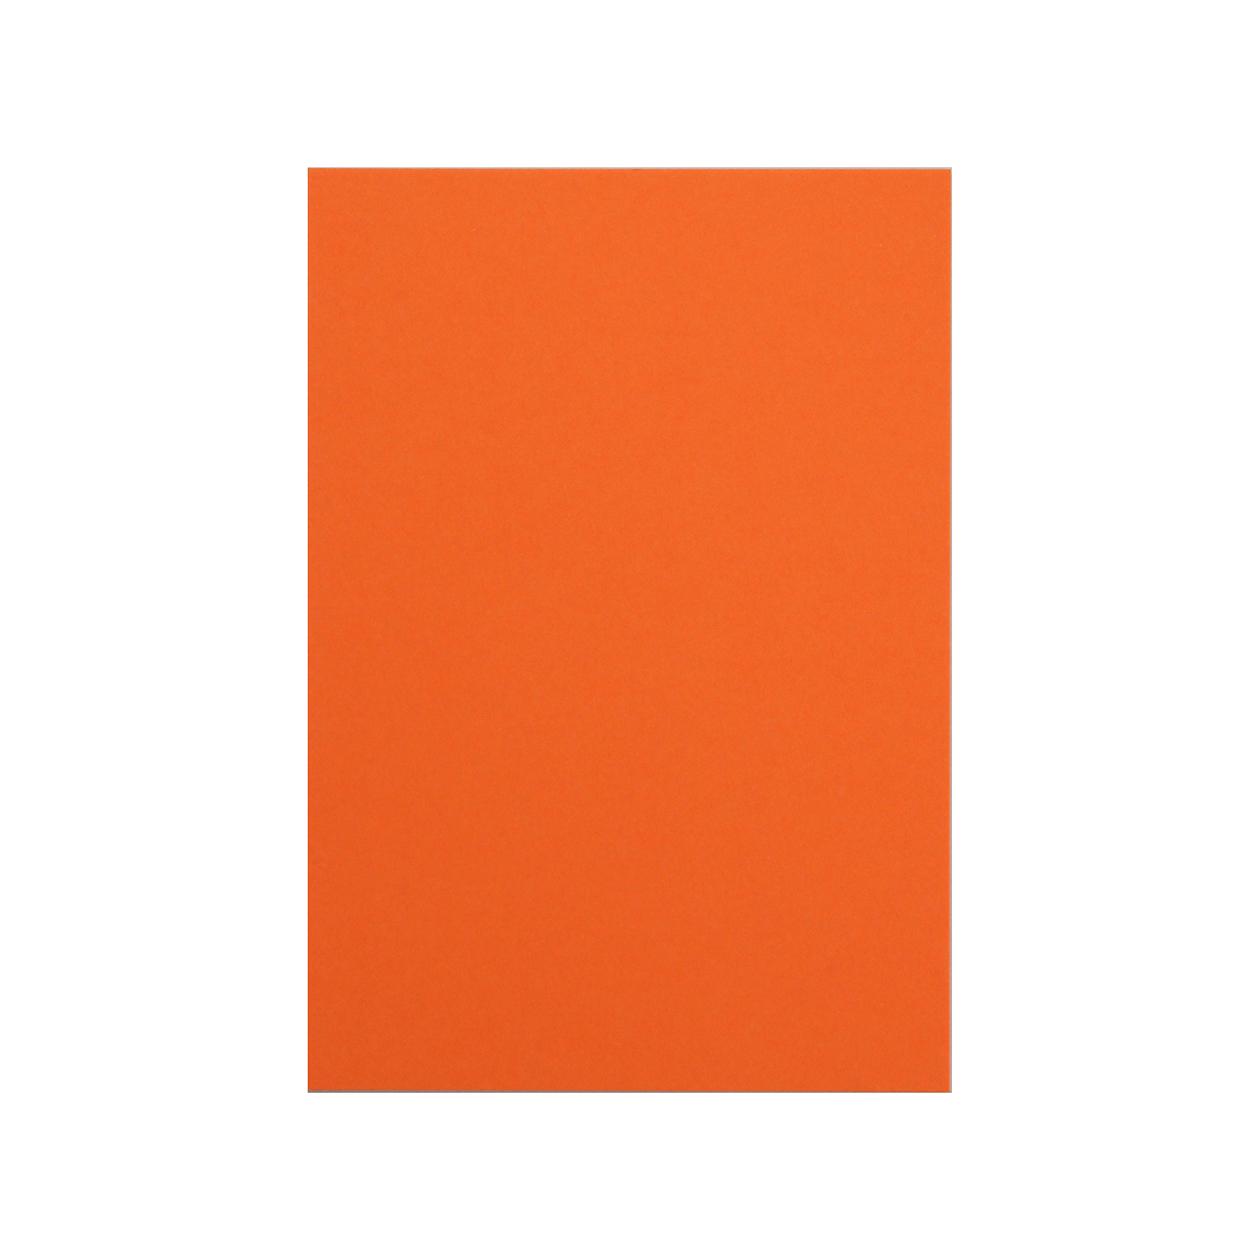 Pカード ボード紙 オレンジ 465g